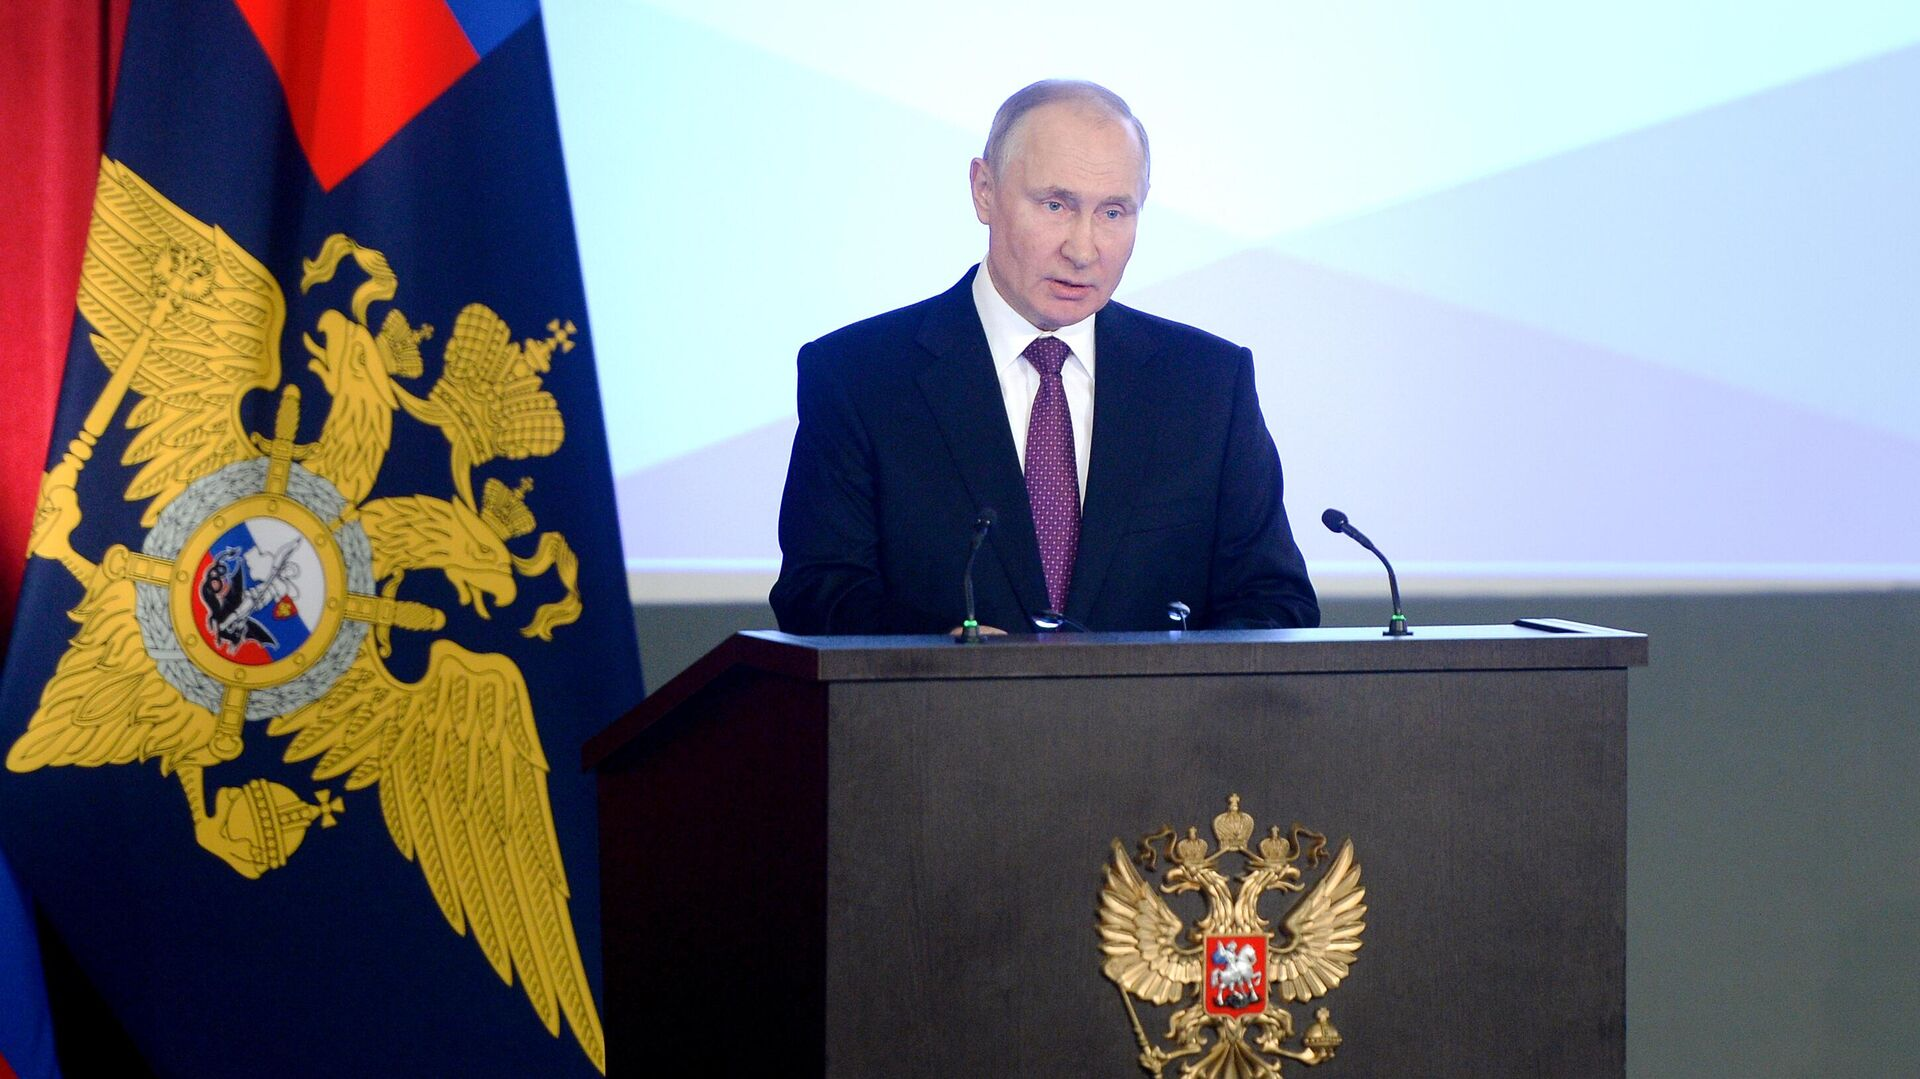 Президент РФ Владимир Путин выступает на ежегодном расширенном заседании коллегии министерства внутренних дел РФ - РИА Новости, 1920, 03.03.2021